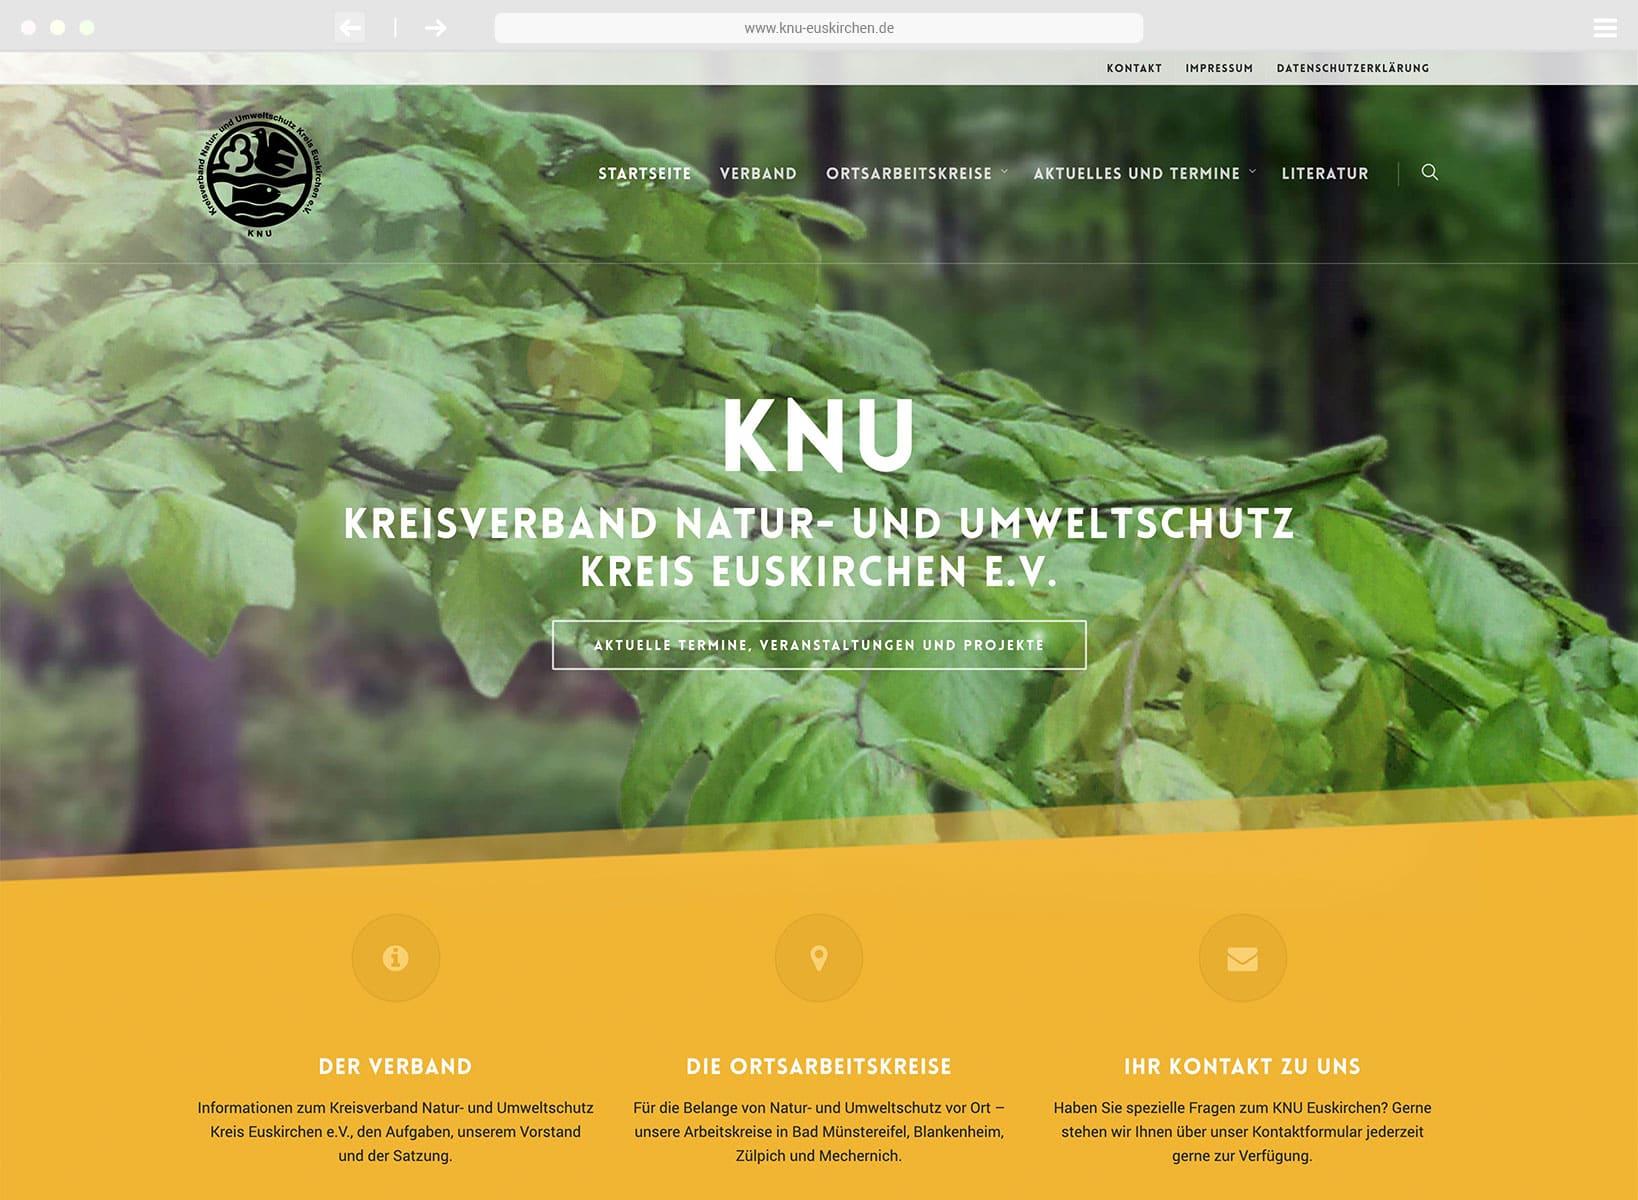 www.knu-euskirchen.de